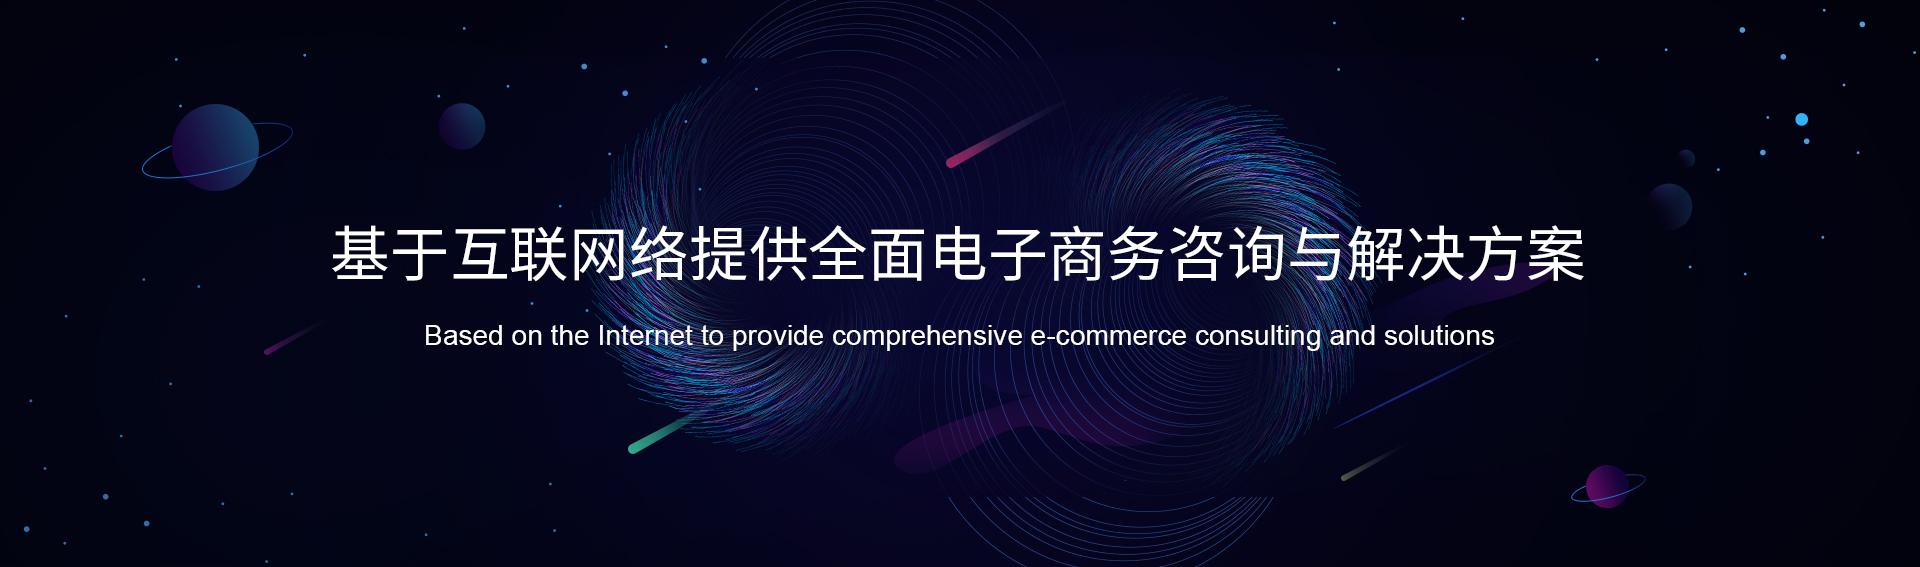 锦州网站制作